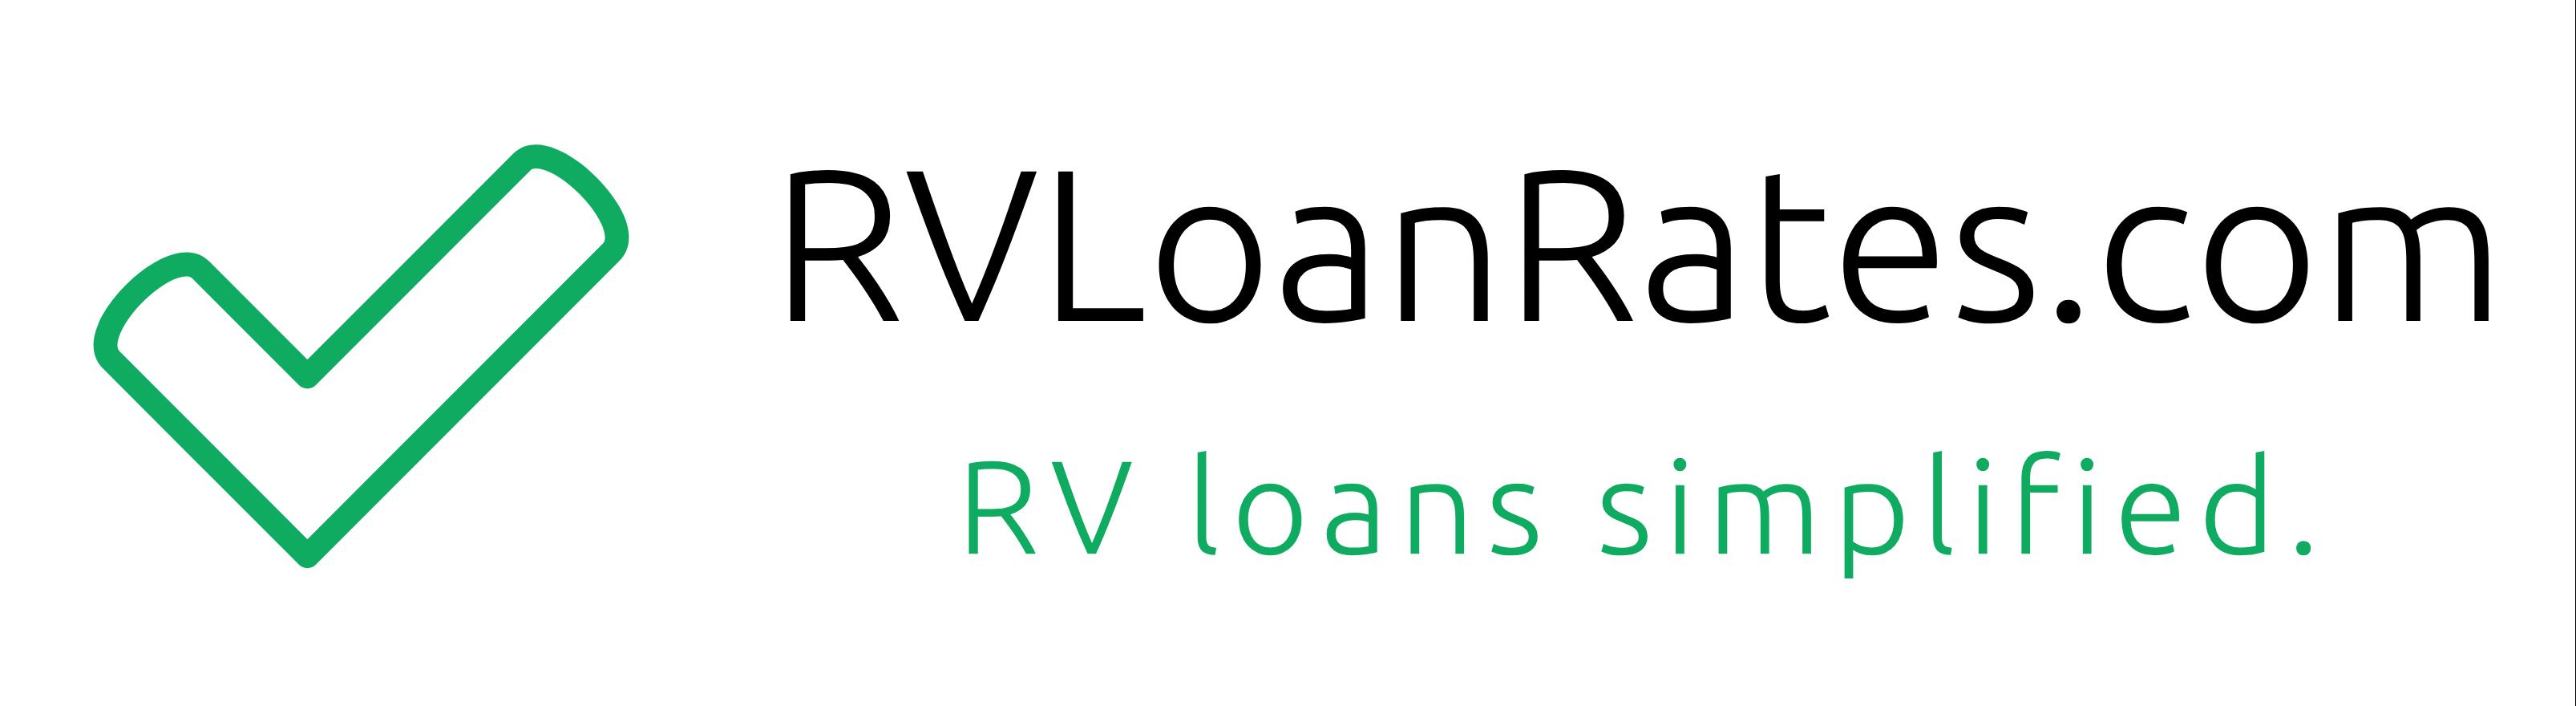 RVLoanRates.com logo